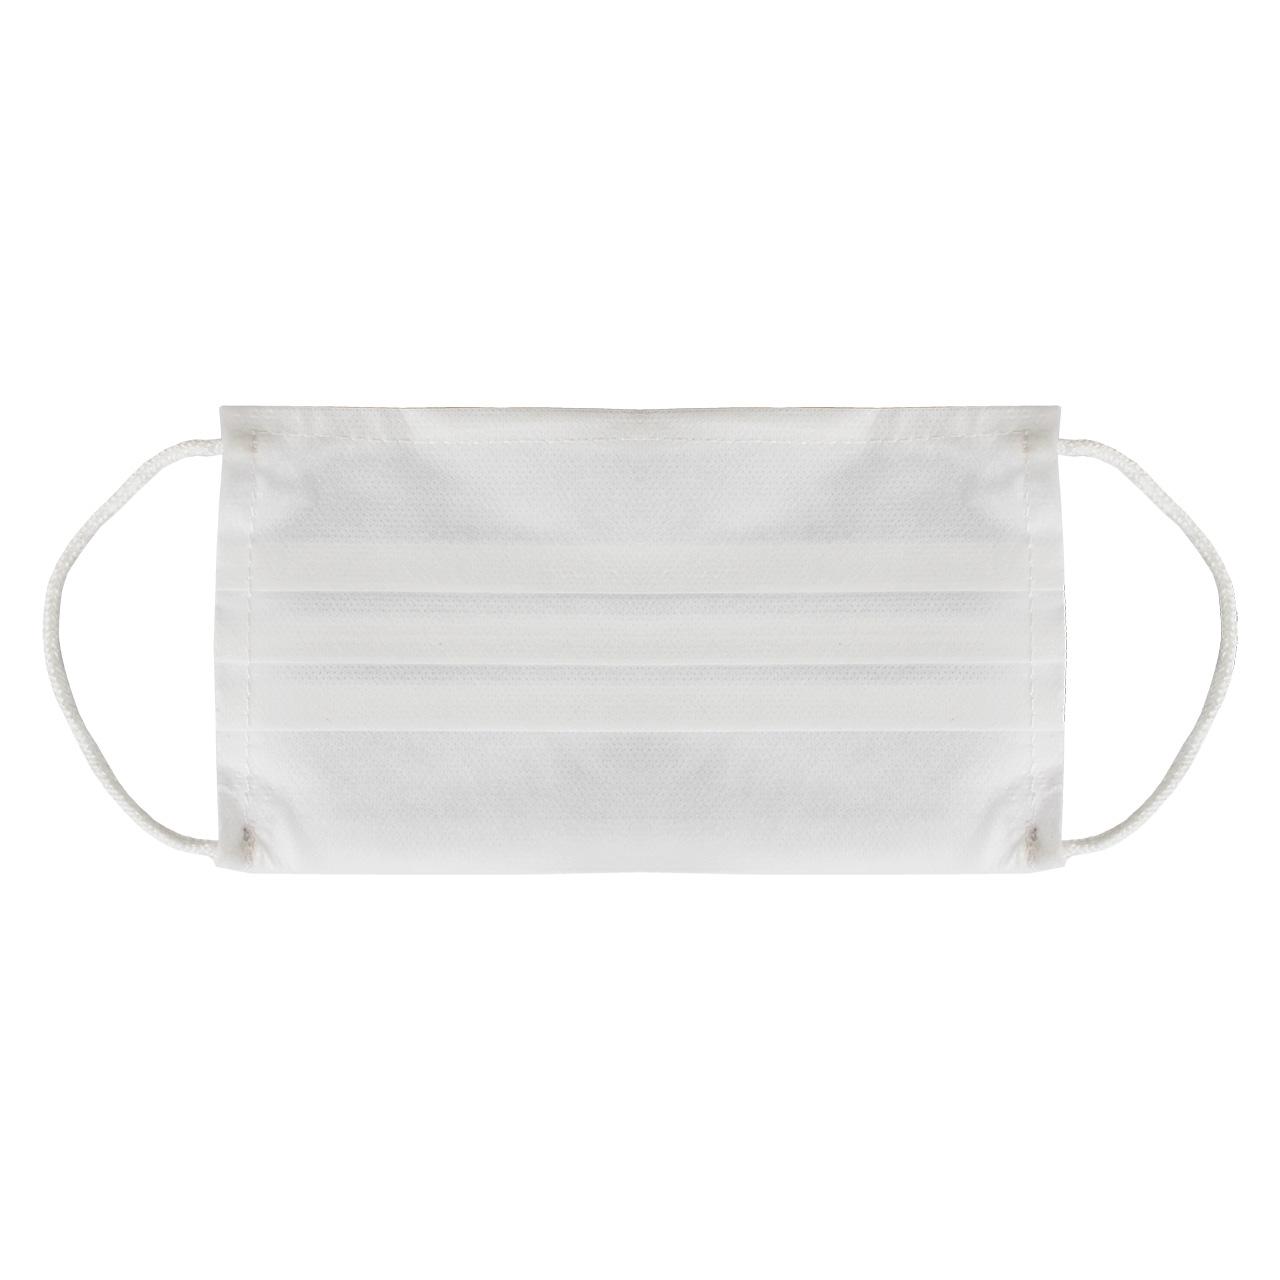 ماسک تنفسی مدل DX1 بسته 50عددی